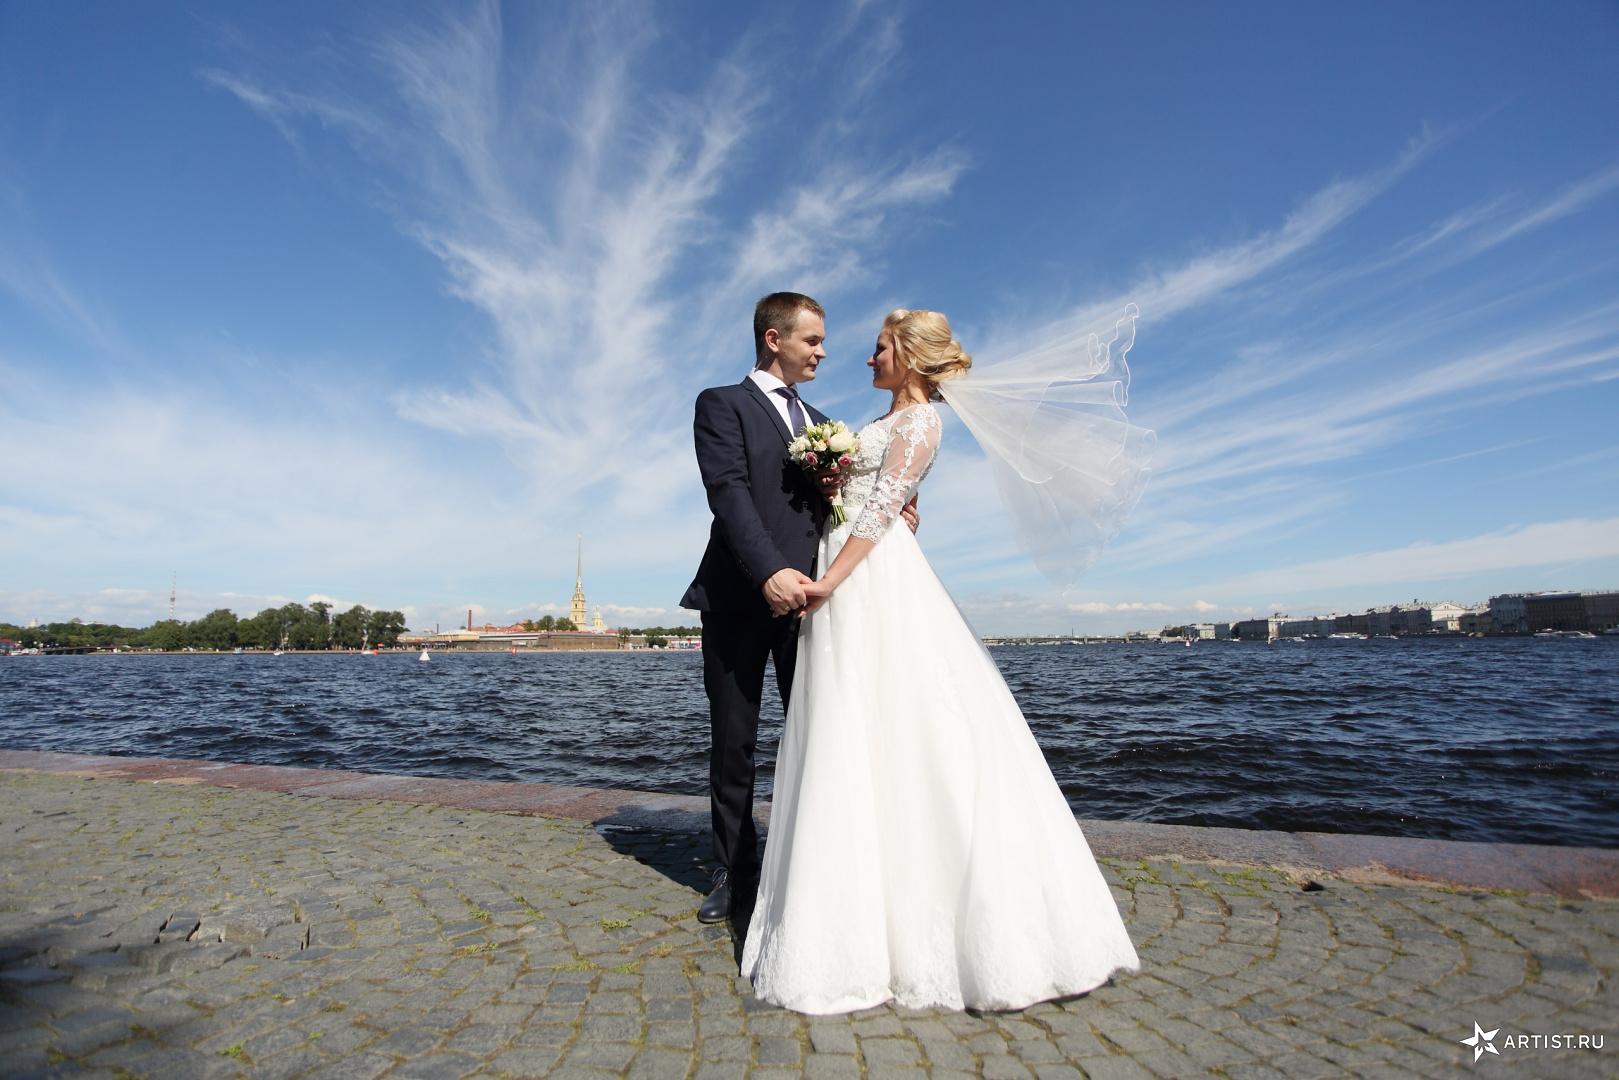 Фото 9 из 21 из альбома Свадьба Екатерины и Дениса Андрея Кислого